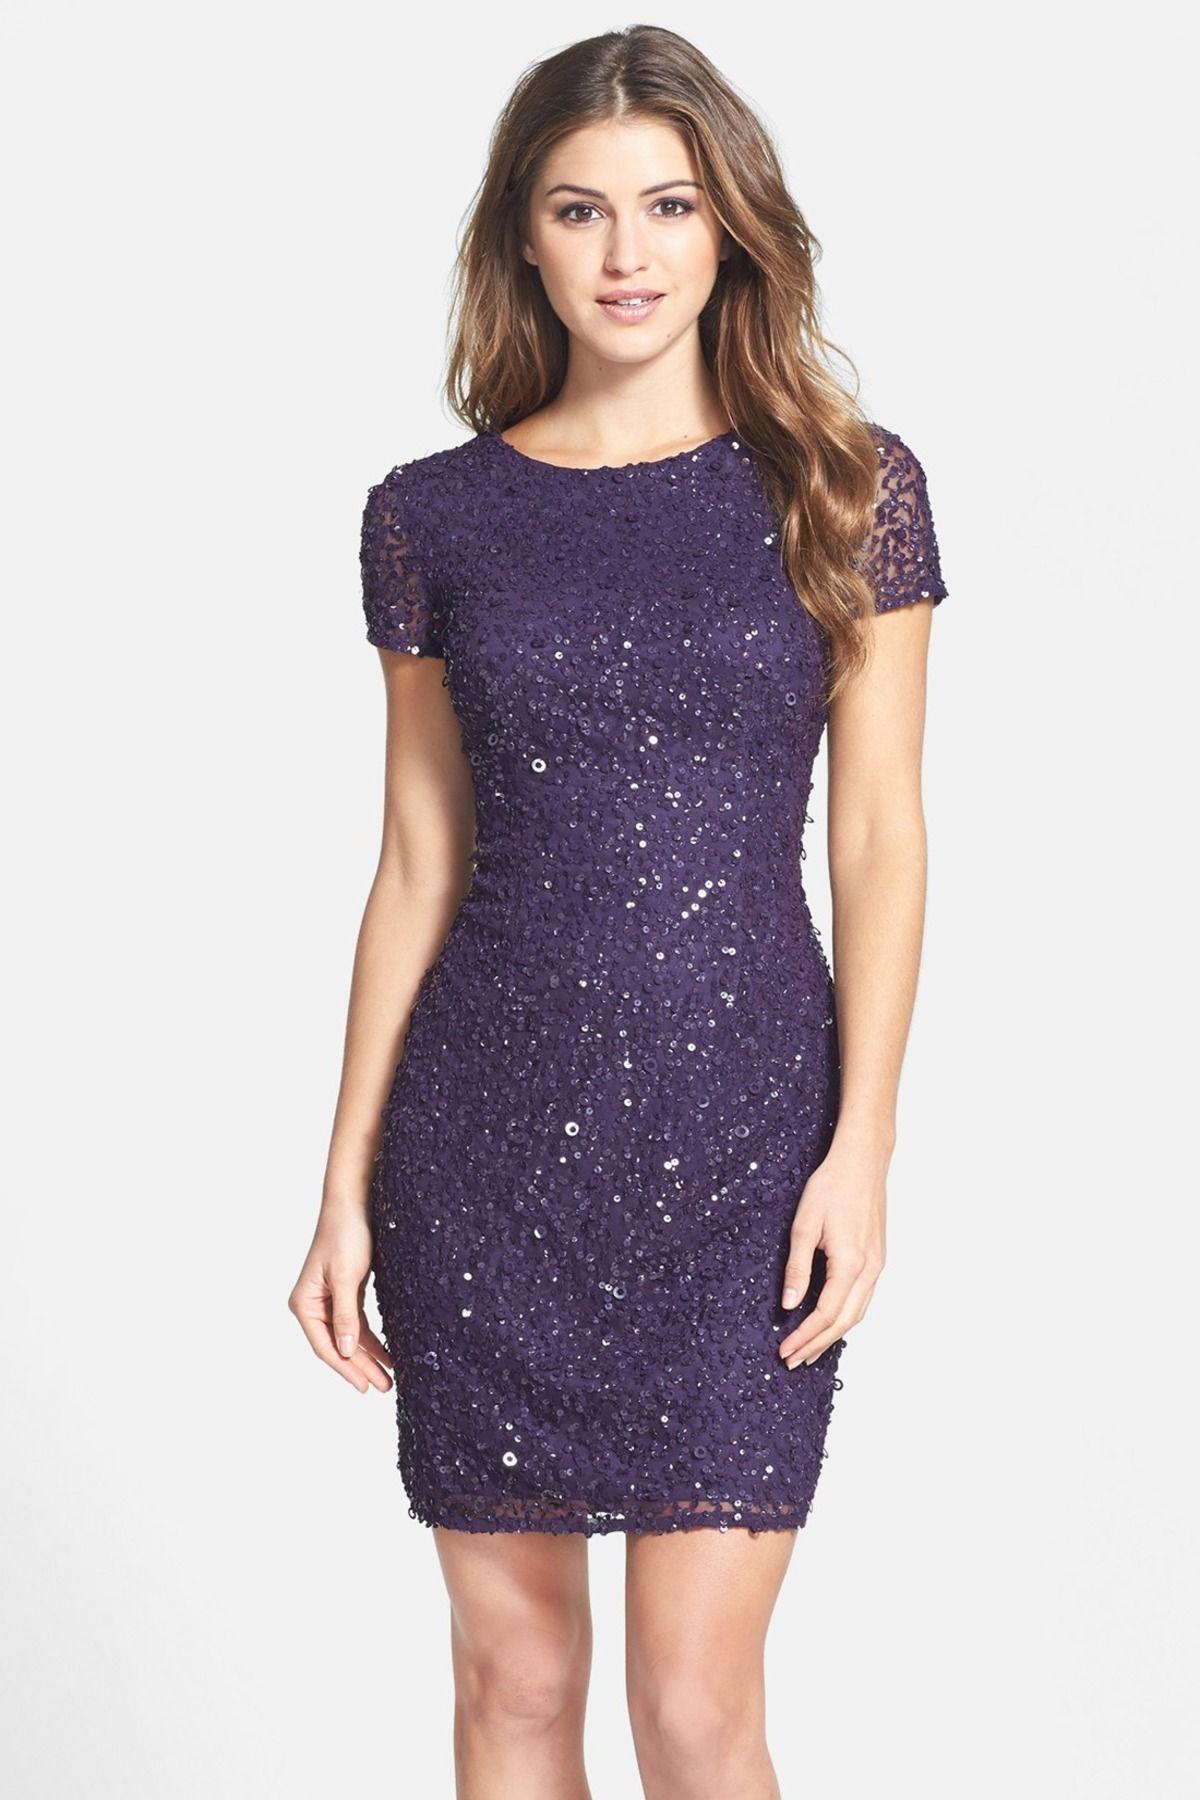 Sequin Mesh Sheath Dress | Ropa linda, Púrpura y Vestidos de noche